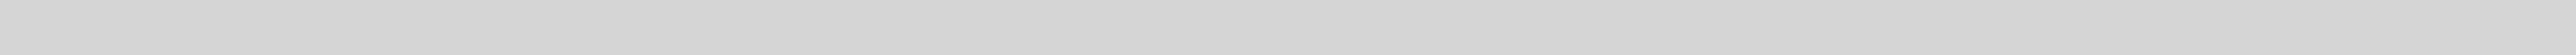 Бордюр Laparet Универсальные элементы метал. серебро глянцевое 1.6x75